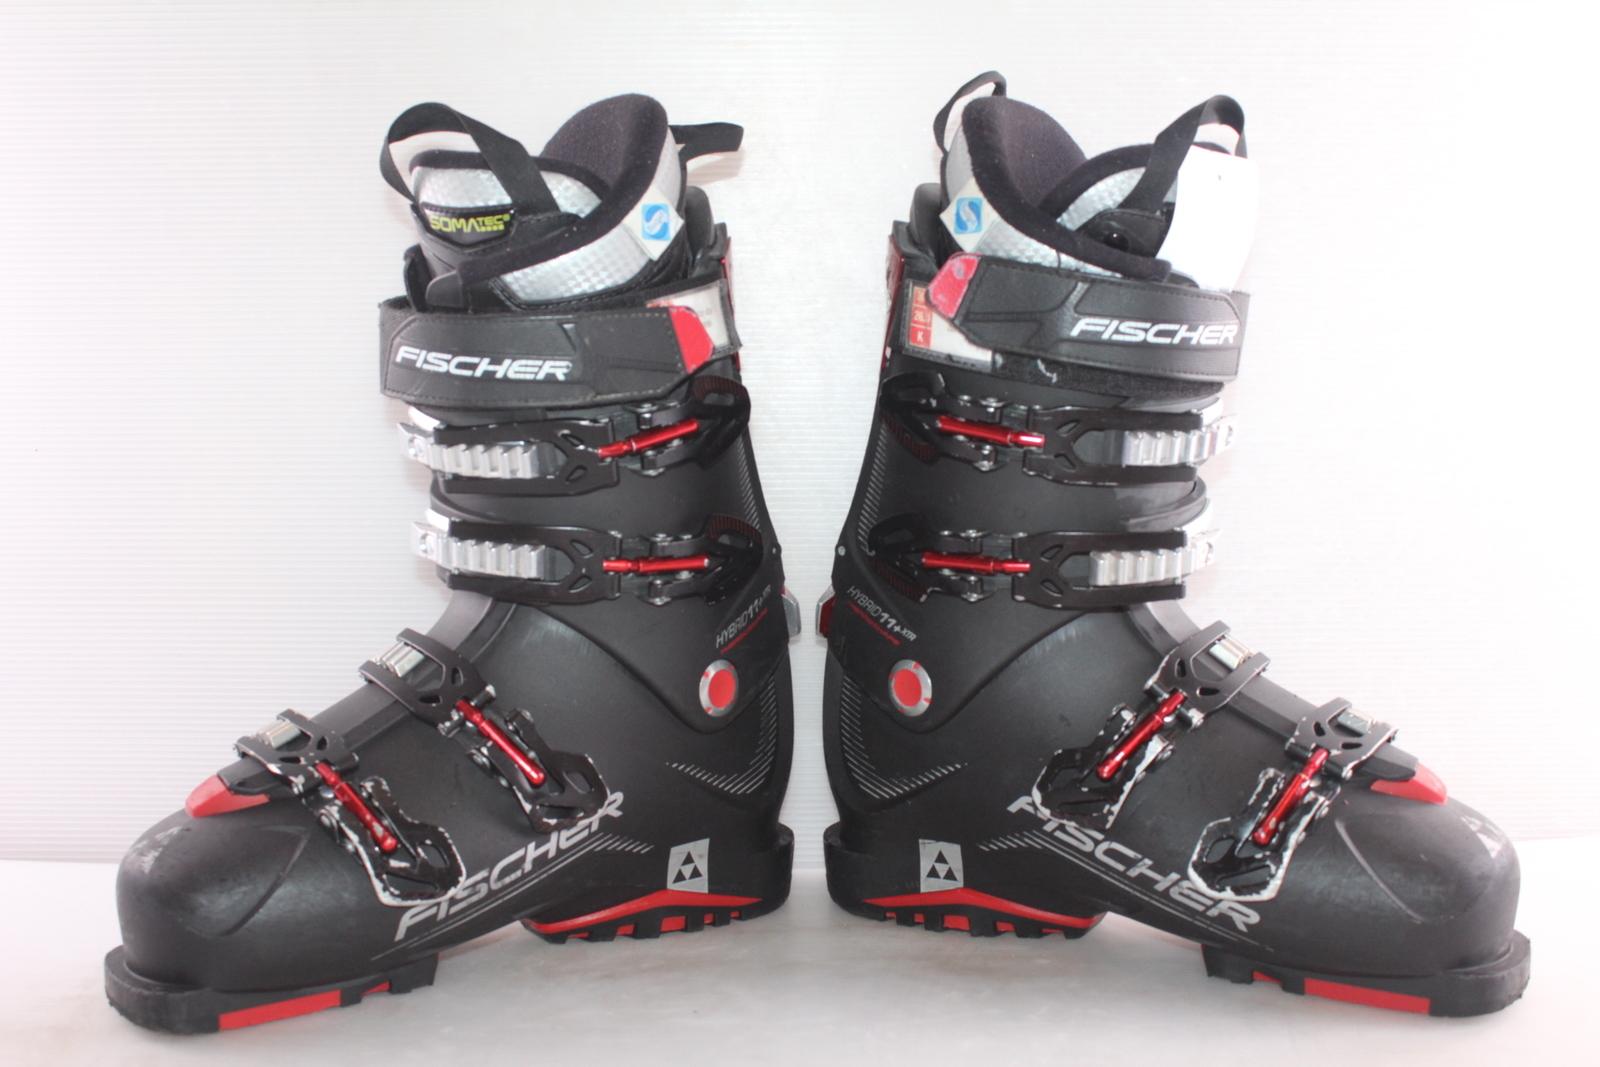 Lyžařské boty Fischer Hybrid 11+ XTR vel. EU41 flexe 90